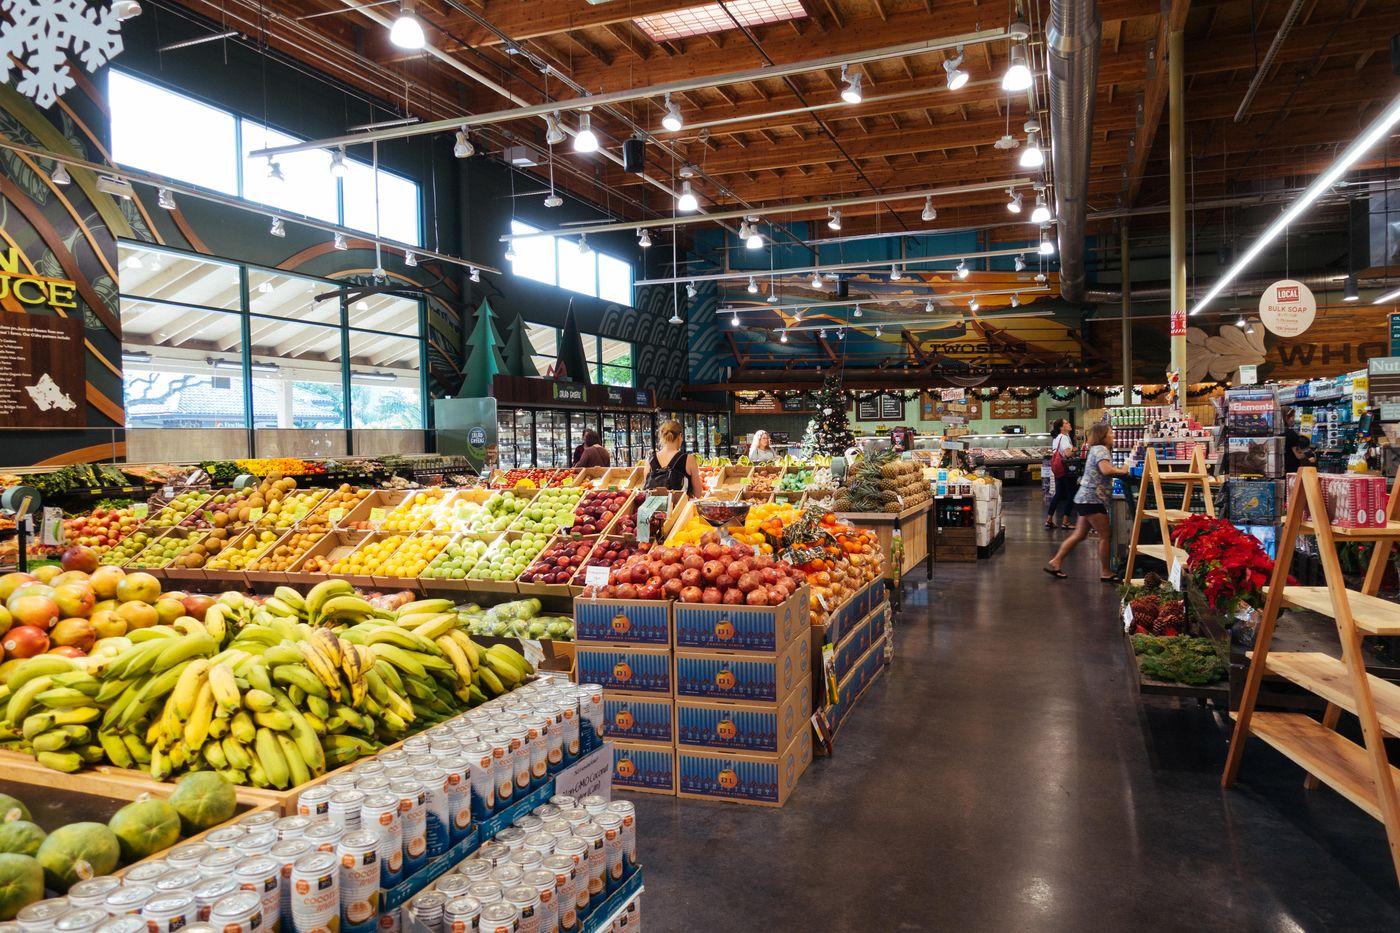 山盛りのフルーツが並ぶ海外のスーパーマーケットの写真